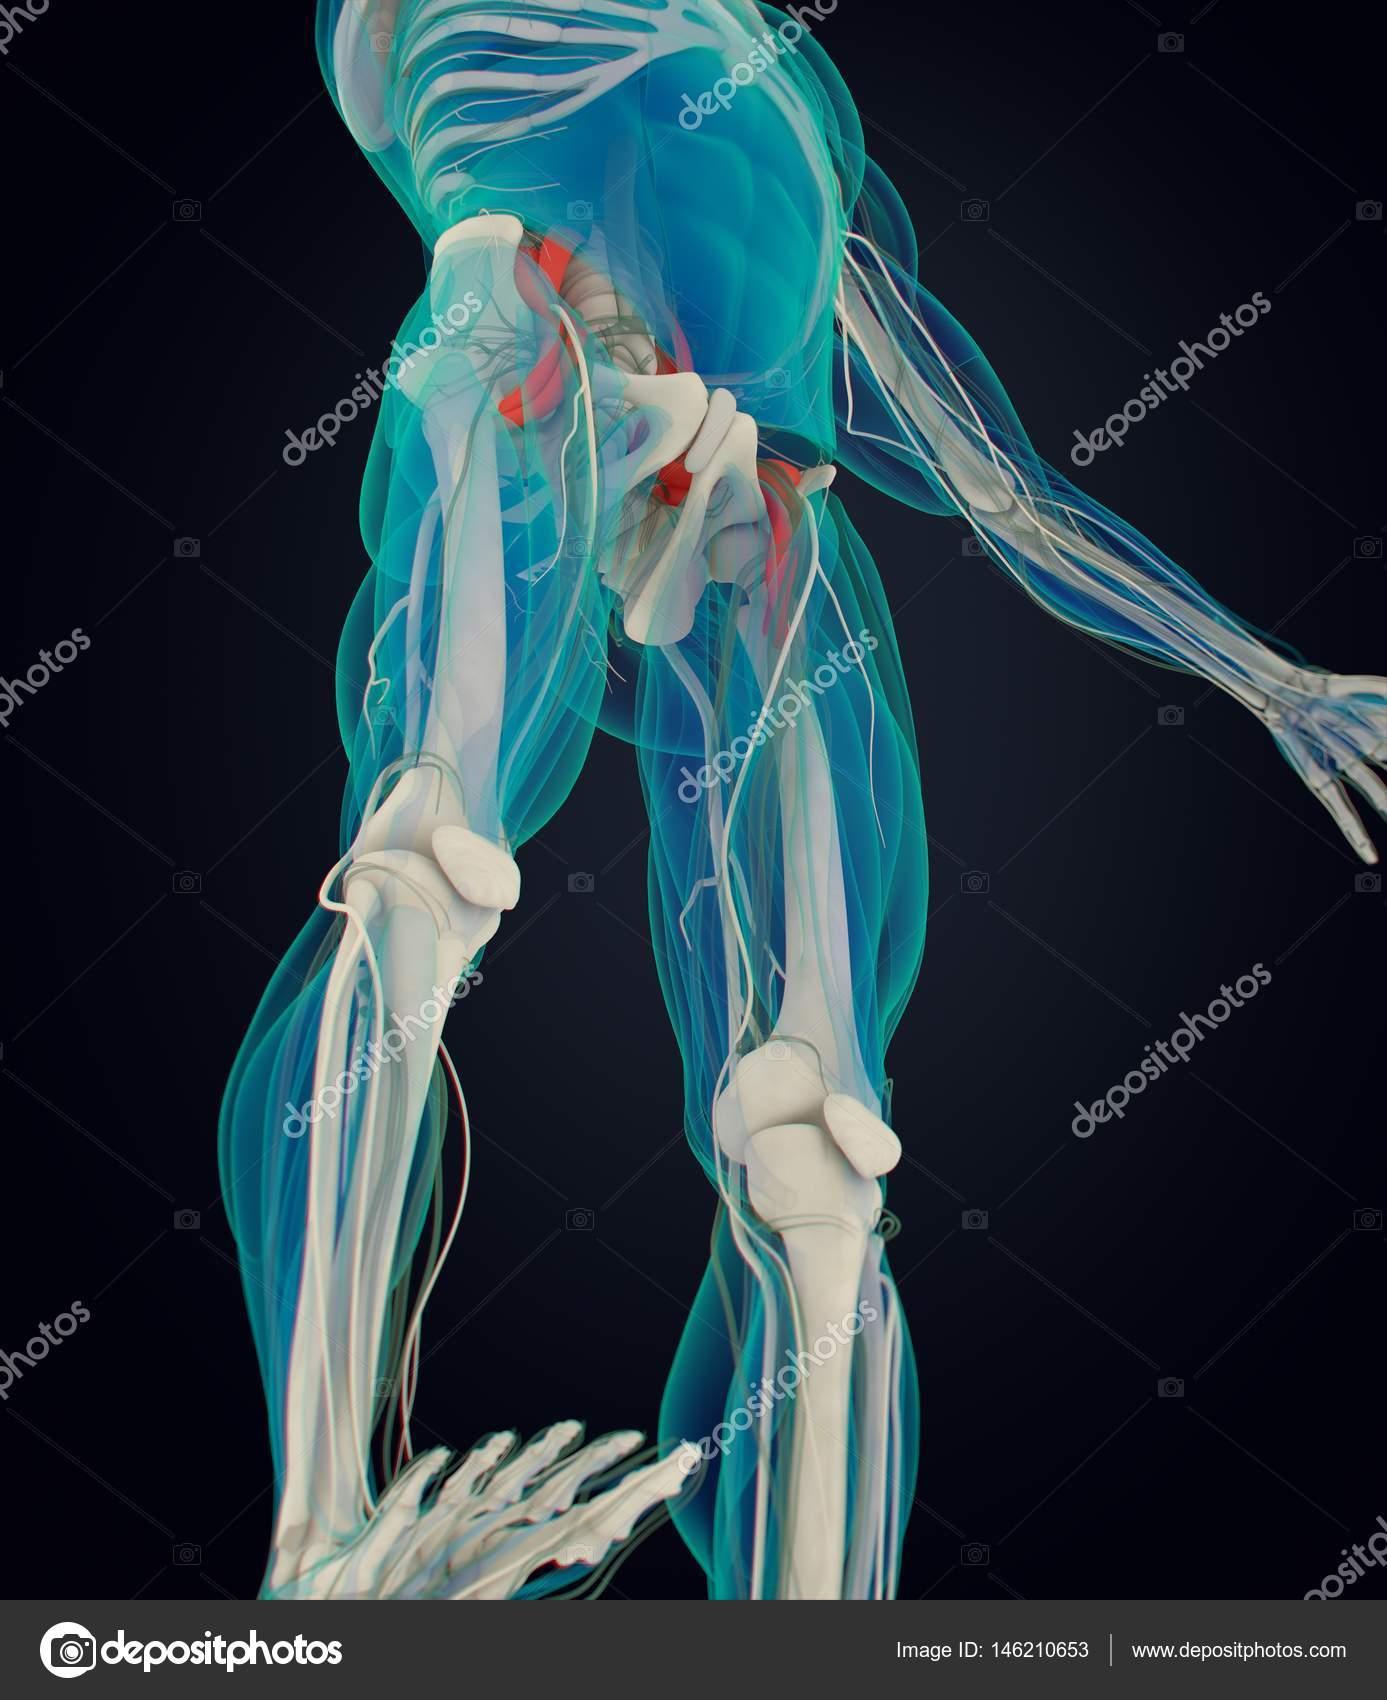 modelo de anatomía del psoas — Foto de stock © AnatomyInsider #146210653